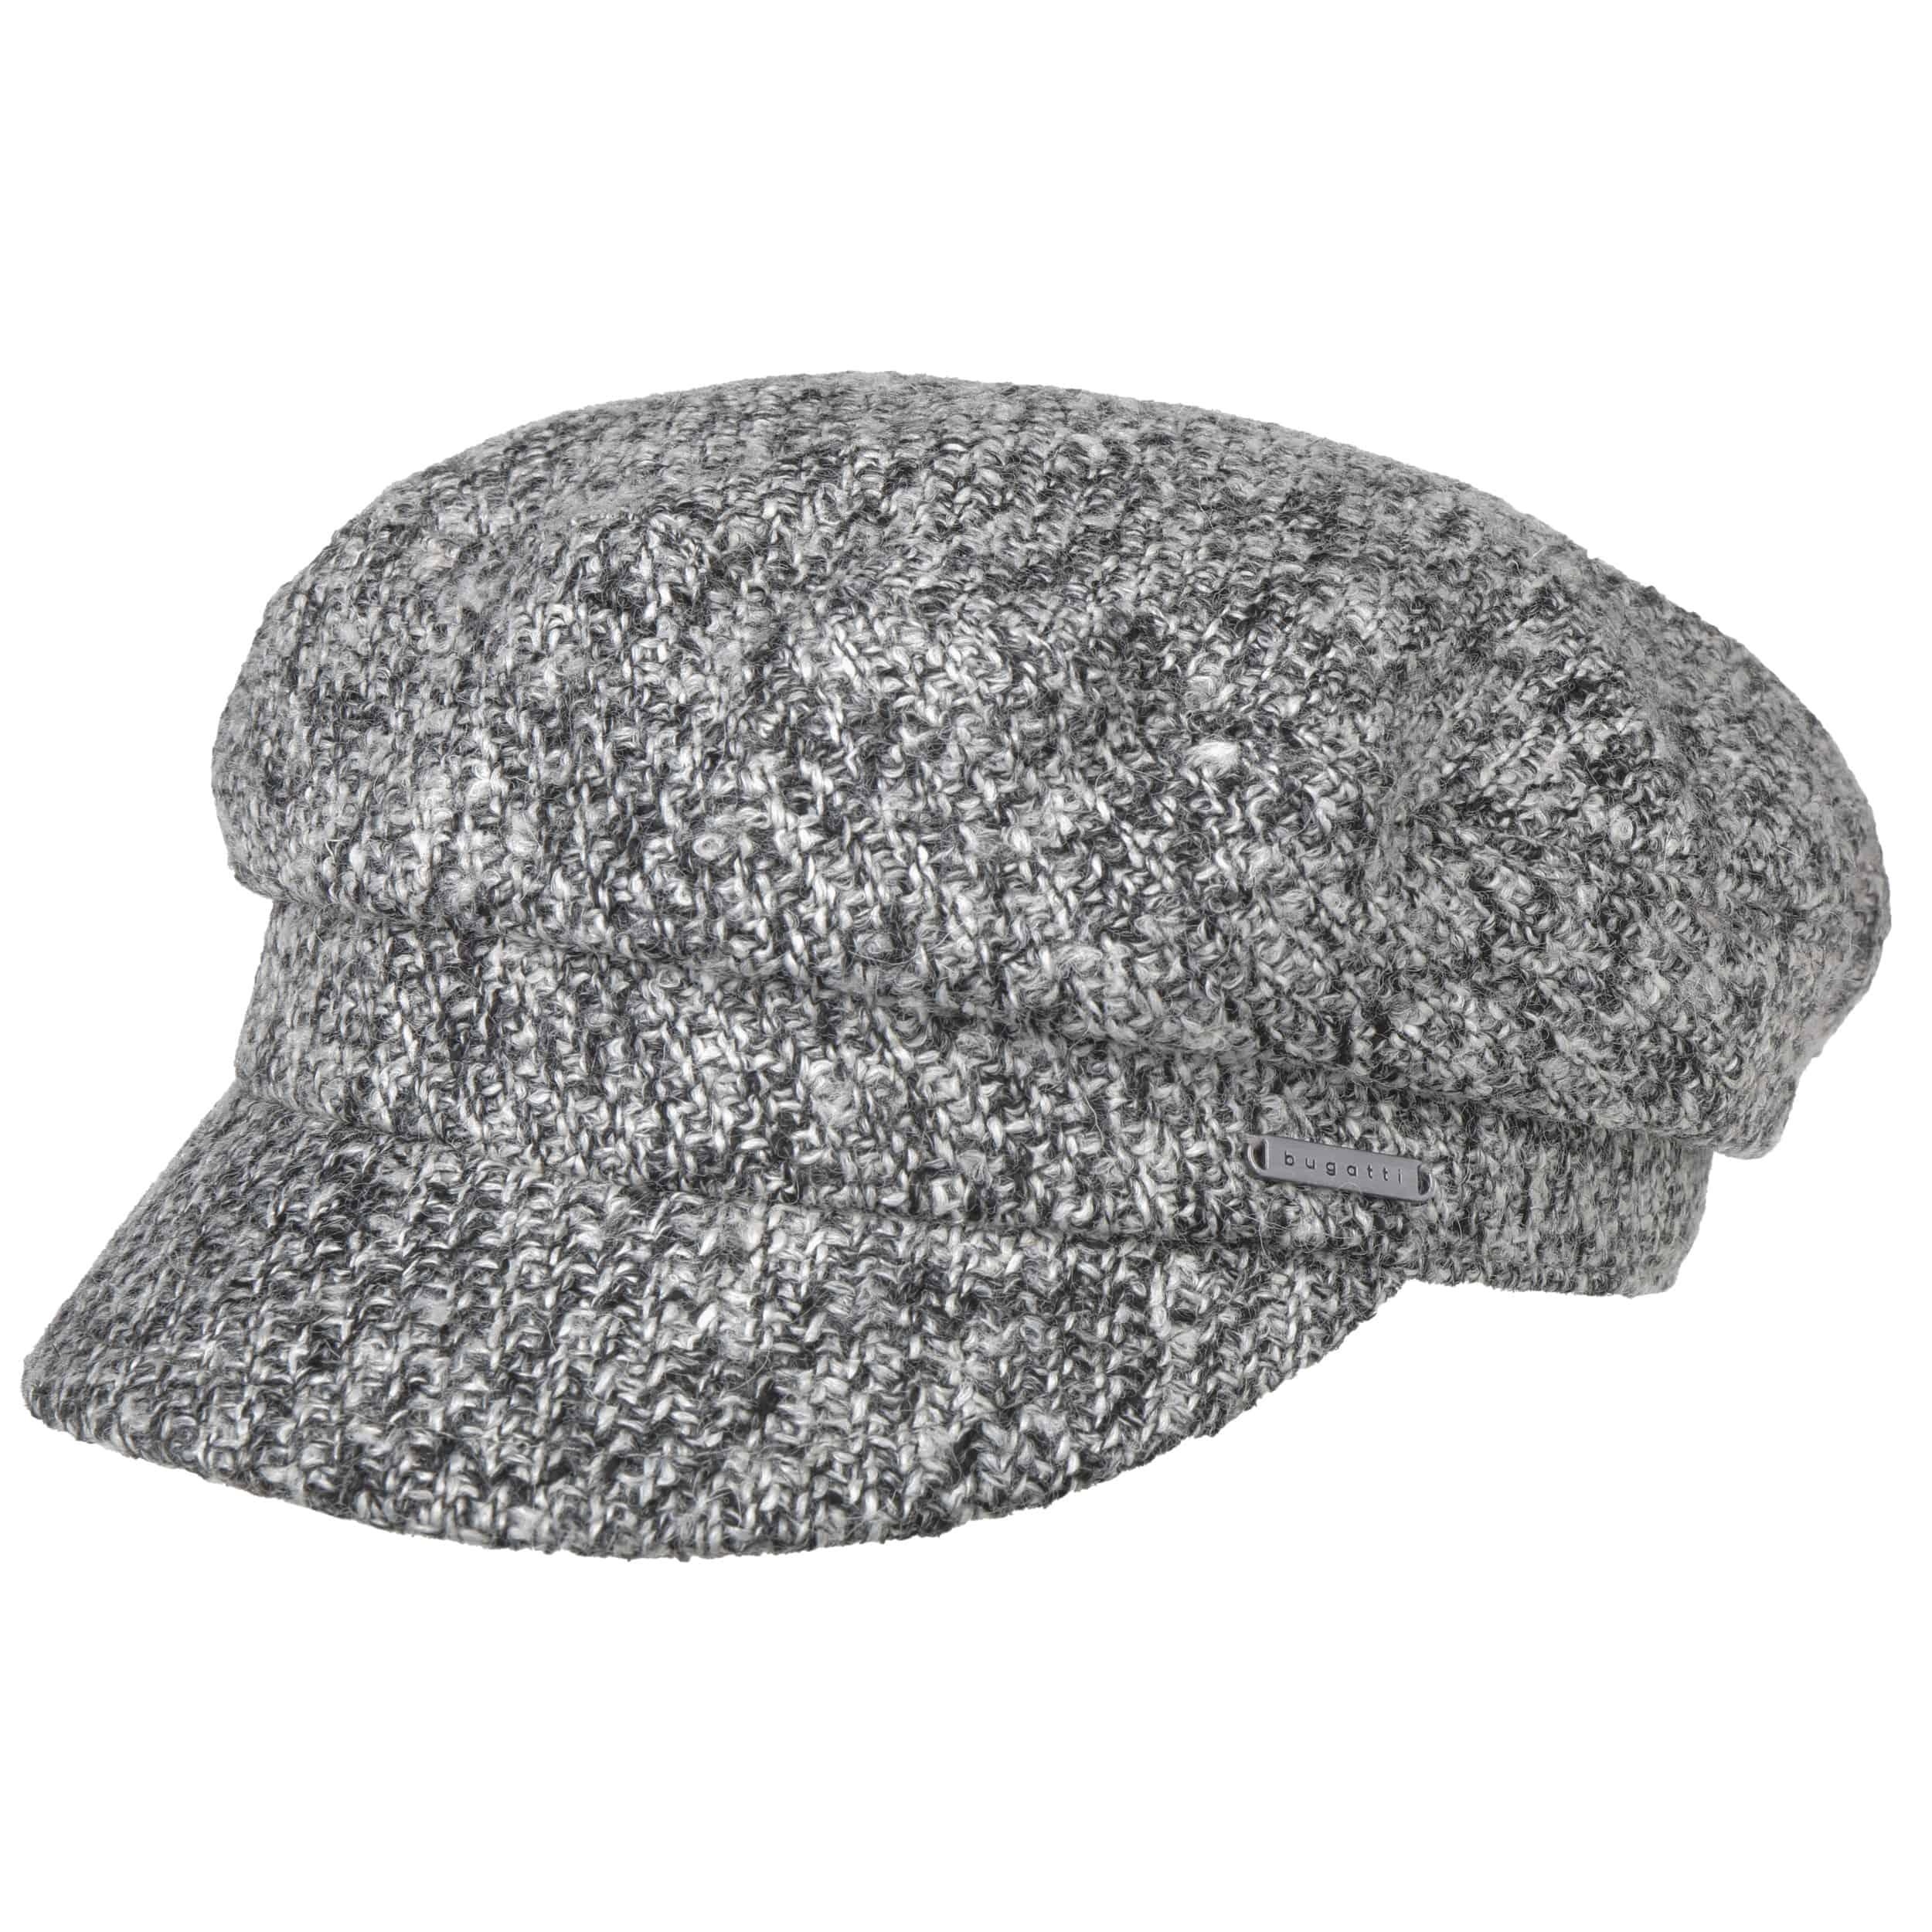 Black White Baker Boy Hat by bugatti fe8e31fcf22